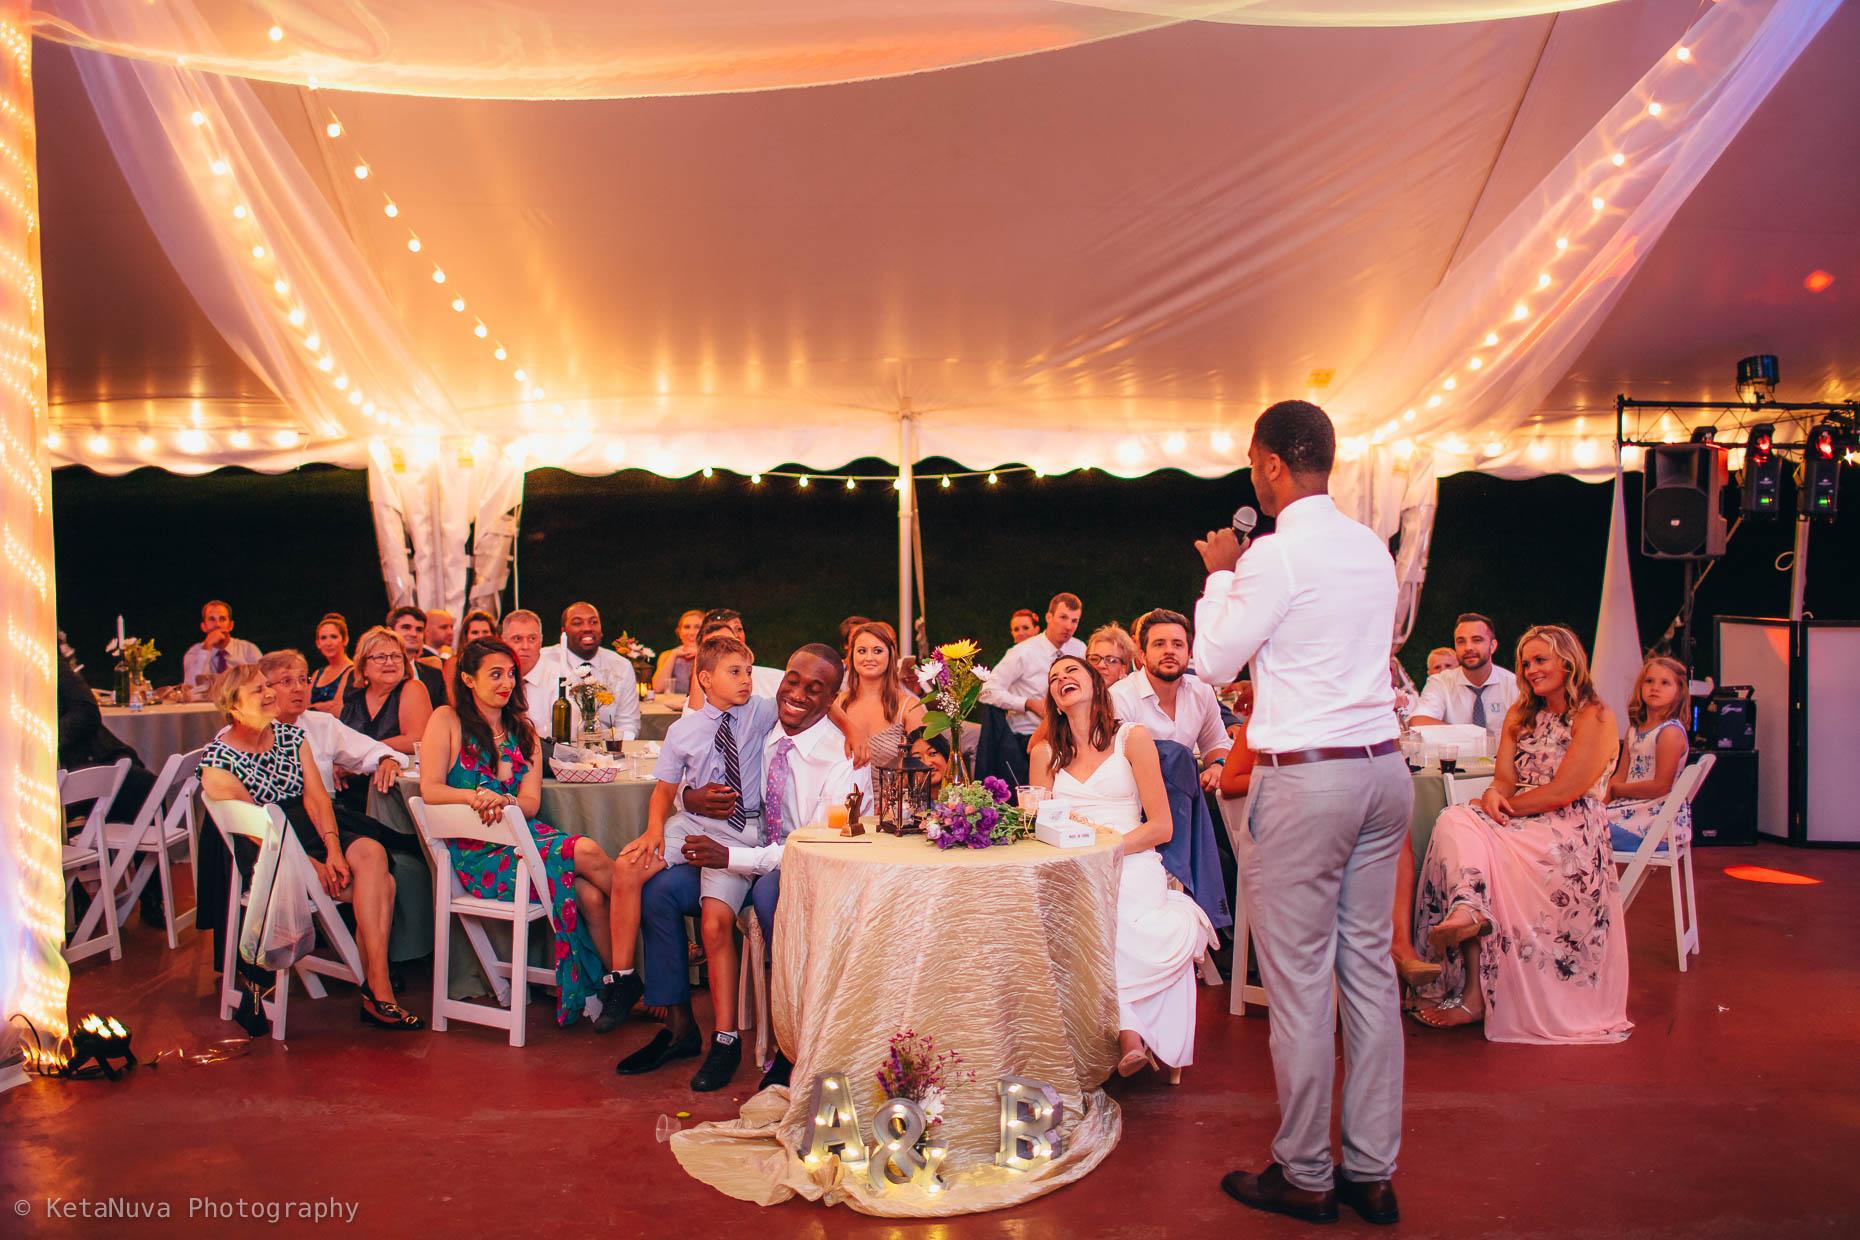 Sunken Garden - Lauxmont Farms Wedding | Aubrey & Barrett Lauxmont Farms Wedding Sunken Garden51